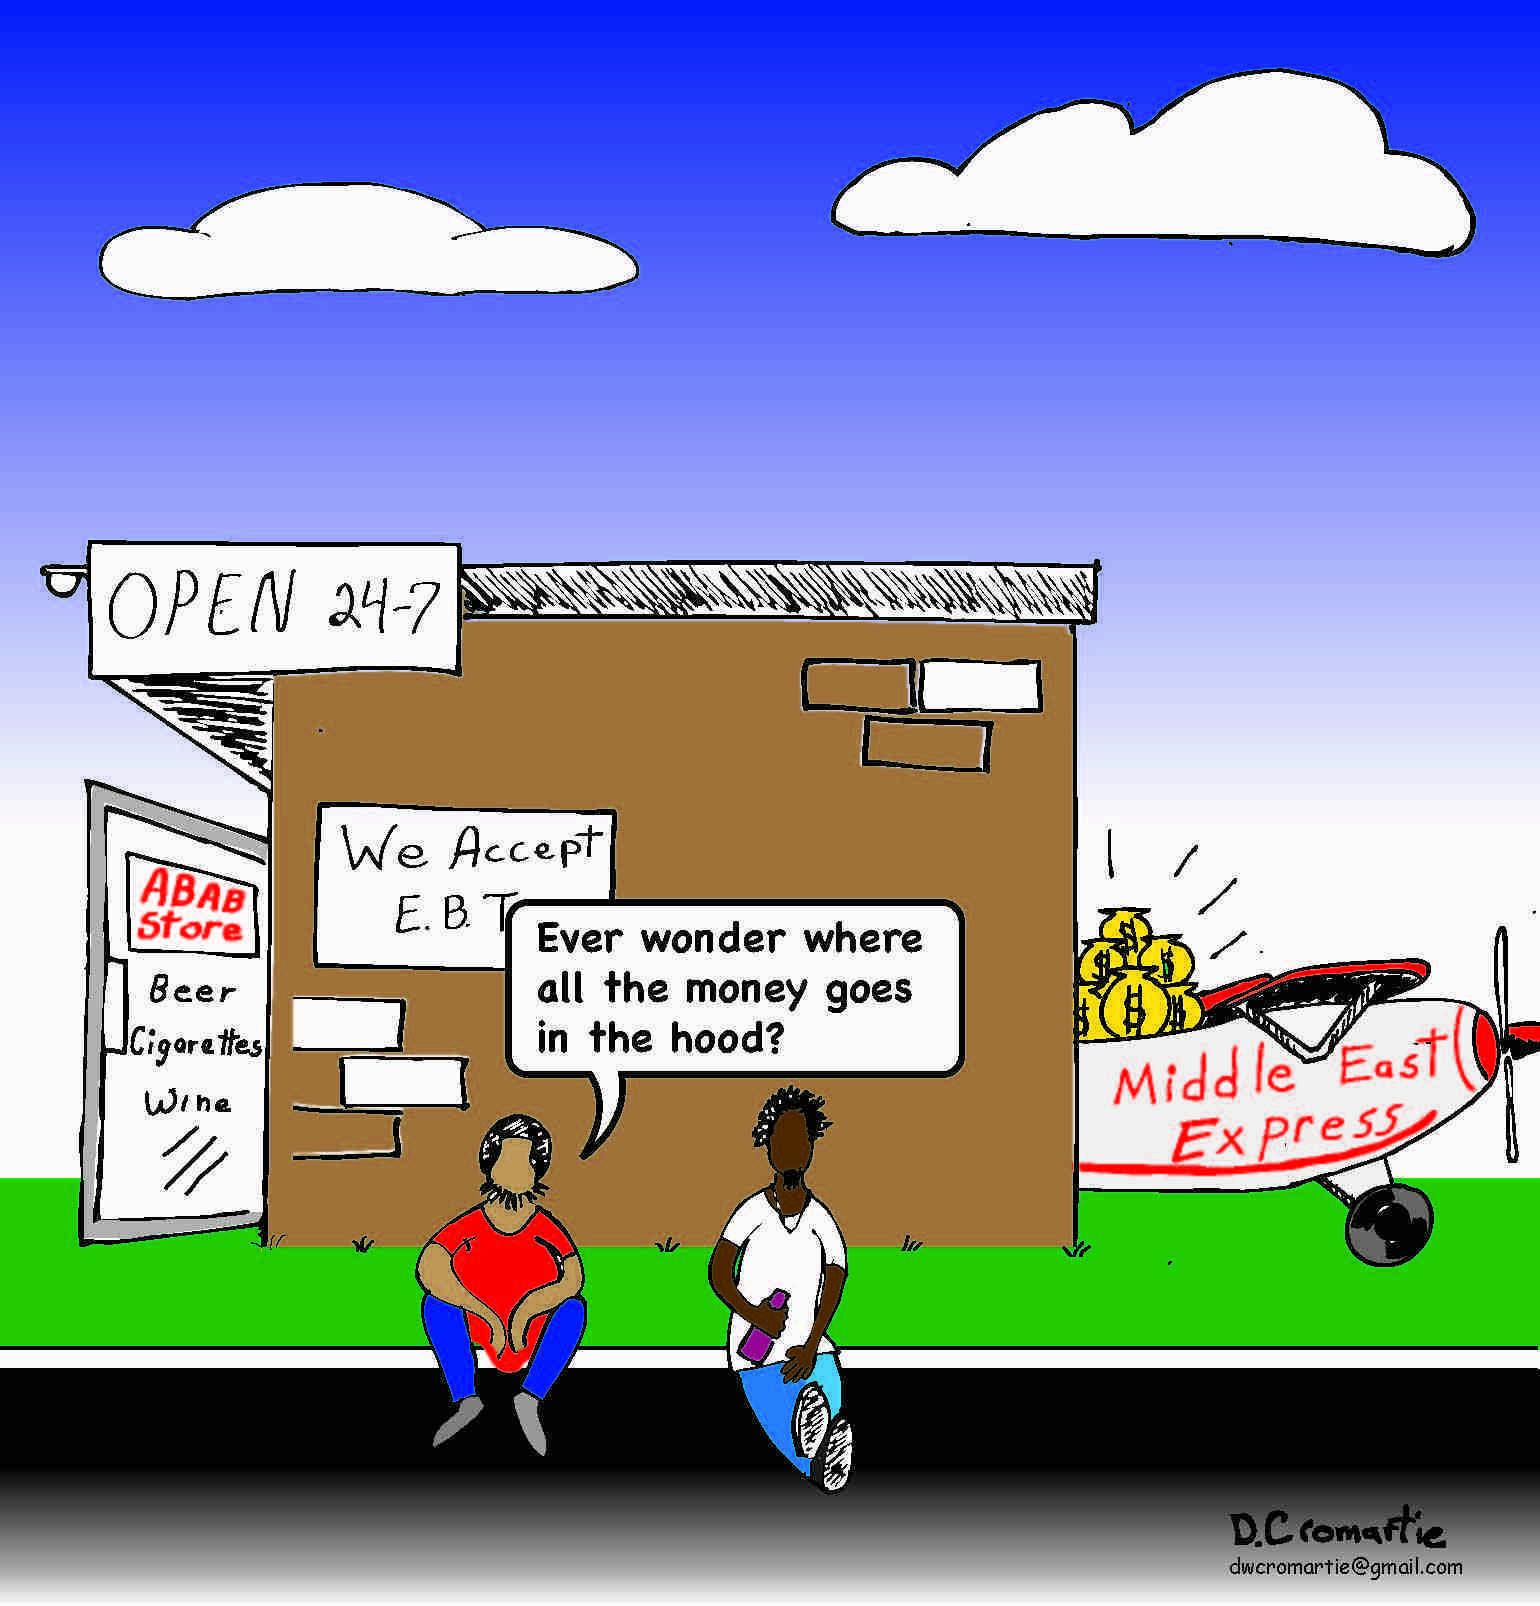 Non-Black Businesses